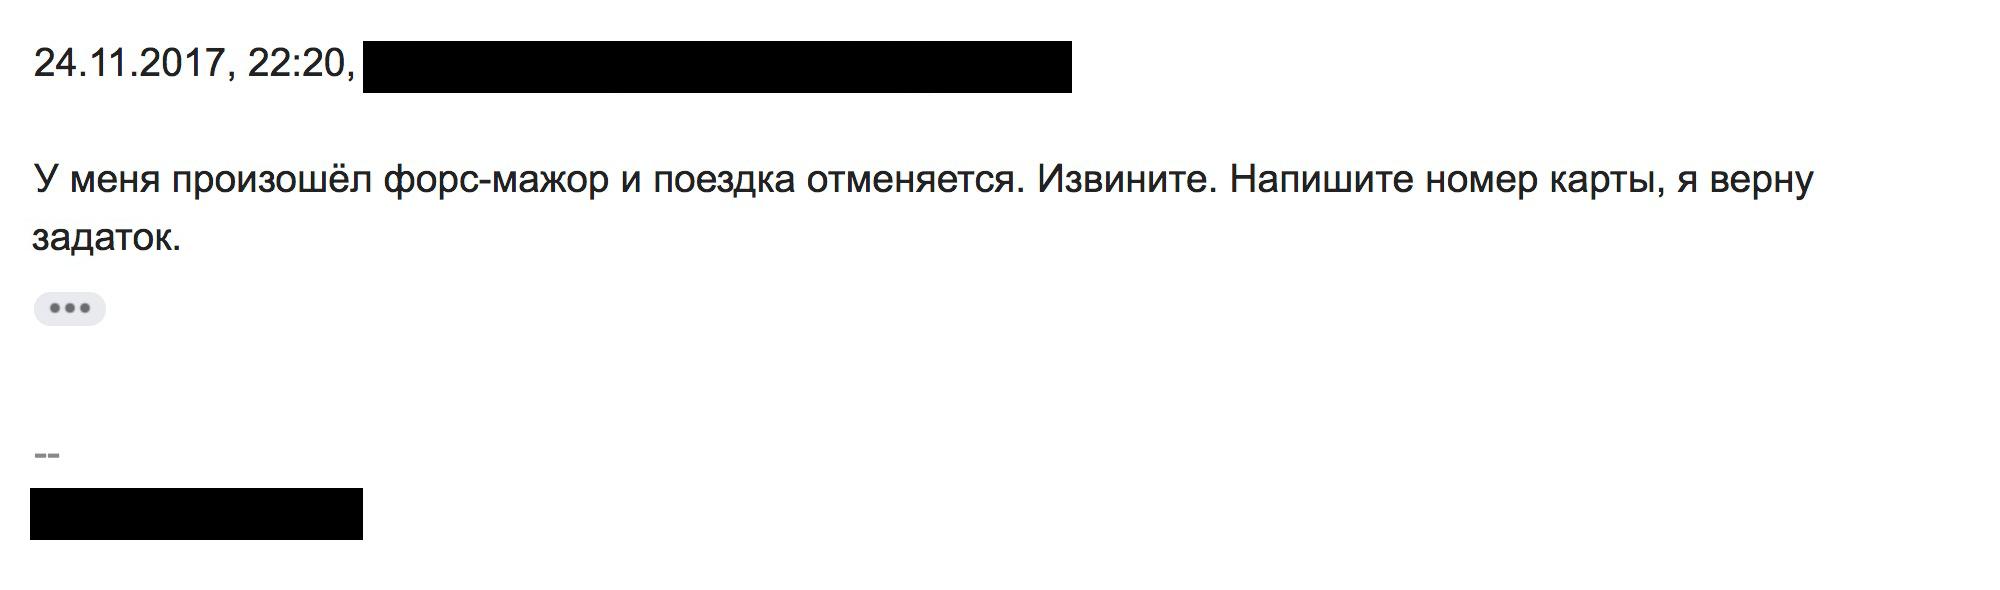 Собственник пообещал вернуть задаток, но потом пропал. Скриншот из переписки